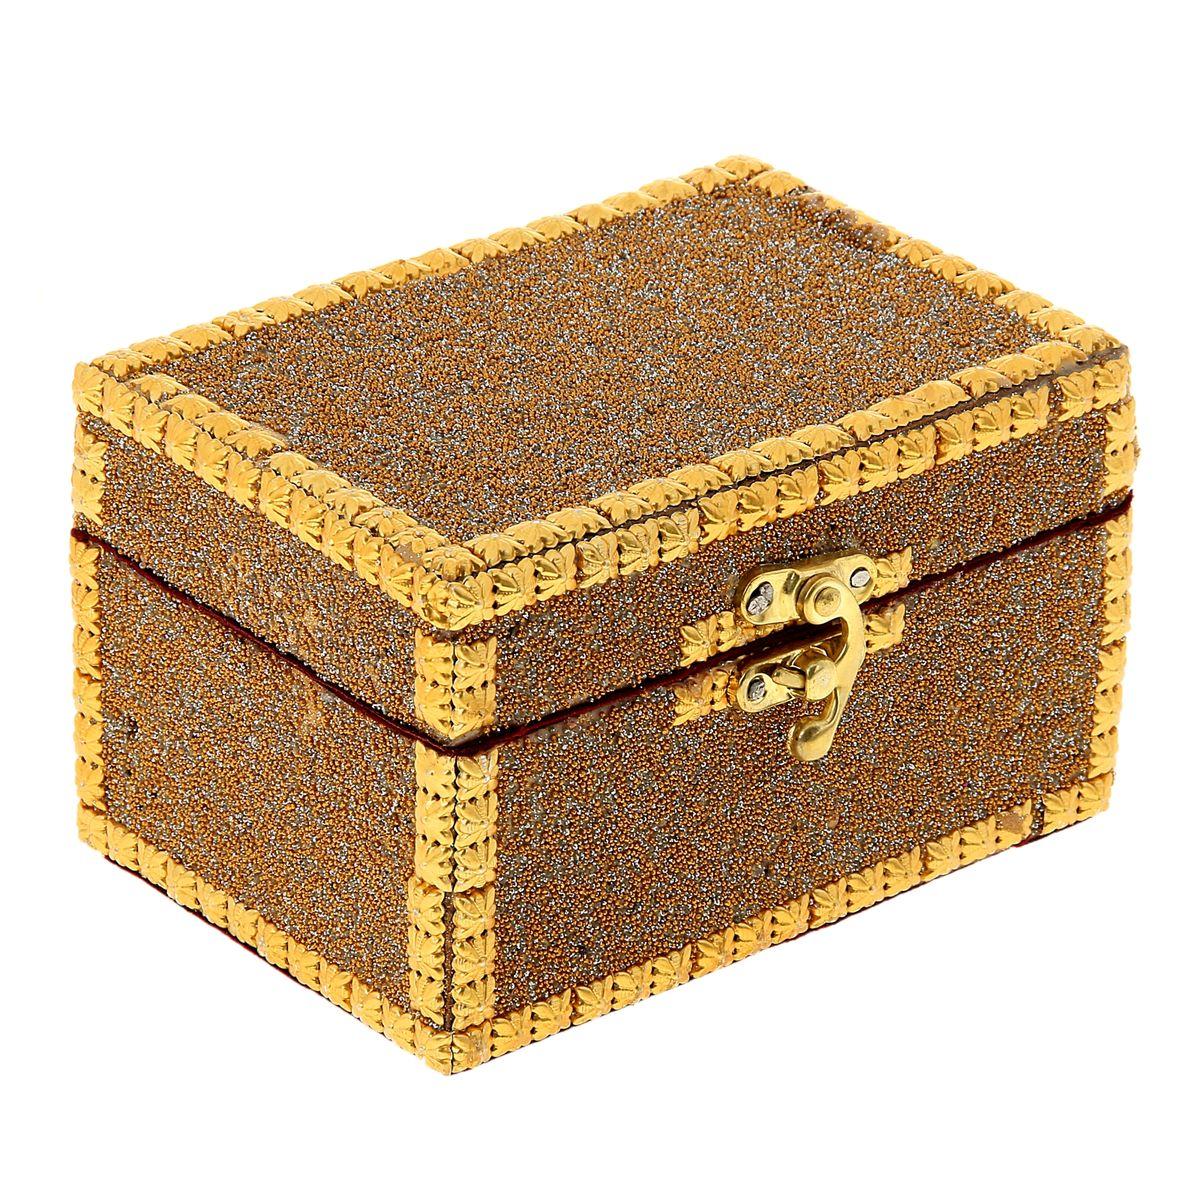 Шкатулка Sima-land Инкрустированная, 14,5 см х 10 см х 9 смRG-D31SШкатулка Sima-land Инкрустированная изготовлена из МДФ и металла. Шкатулка имеет одно отделение, обитое тканью, и замок. Такая шкатулка - не простой сувенир. Ее функция не только декоративная, но и сугубо практическая - служить удобным и надежным местом для хранения самых разных мелочей. Разумеется, особо неравнодушны к этим элегантным предметам интерьера женщины. Мастерицы кладут в шкатулки швейные и рукодельные принадлежности. Модницы и светские львицы - любимые украшения и аксессуары. И, конечно, многие представительницы прекрасного пола хранят в шкатулках, убранных в укромный уголок, какие-то памятные знаки: фотографии, старые письма, сувениры, напоминающие о важных событиях и особо счастливых моментах, сухие лепестки роз и другие небольшие сокровища.